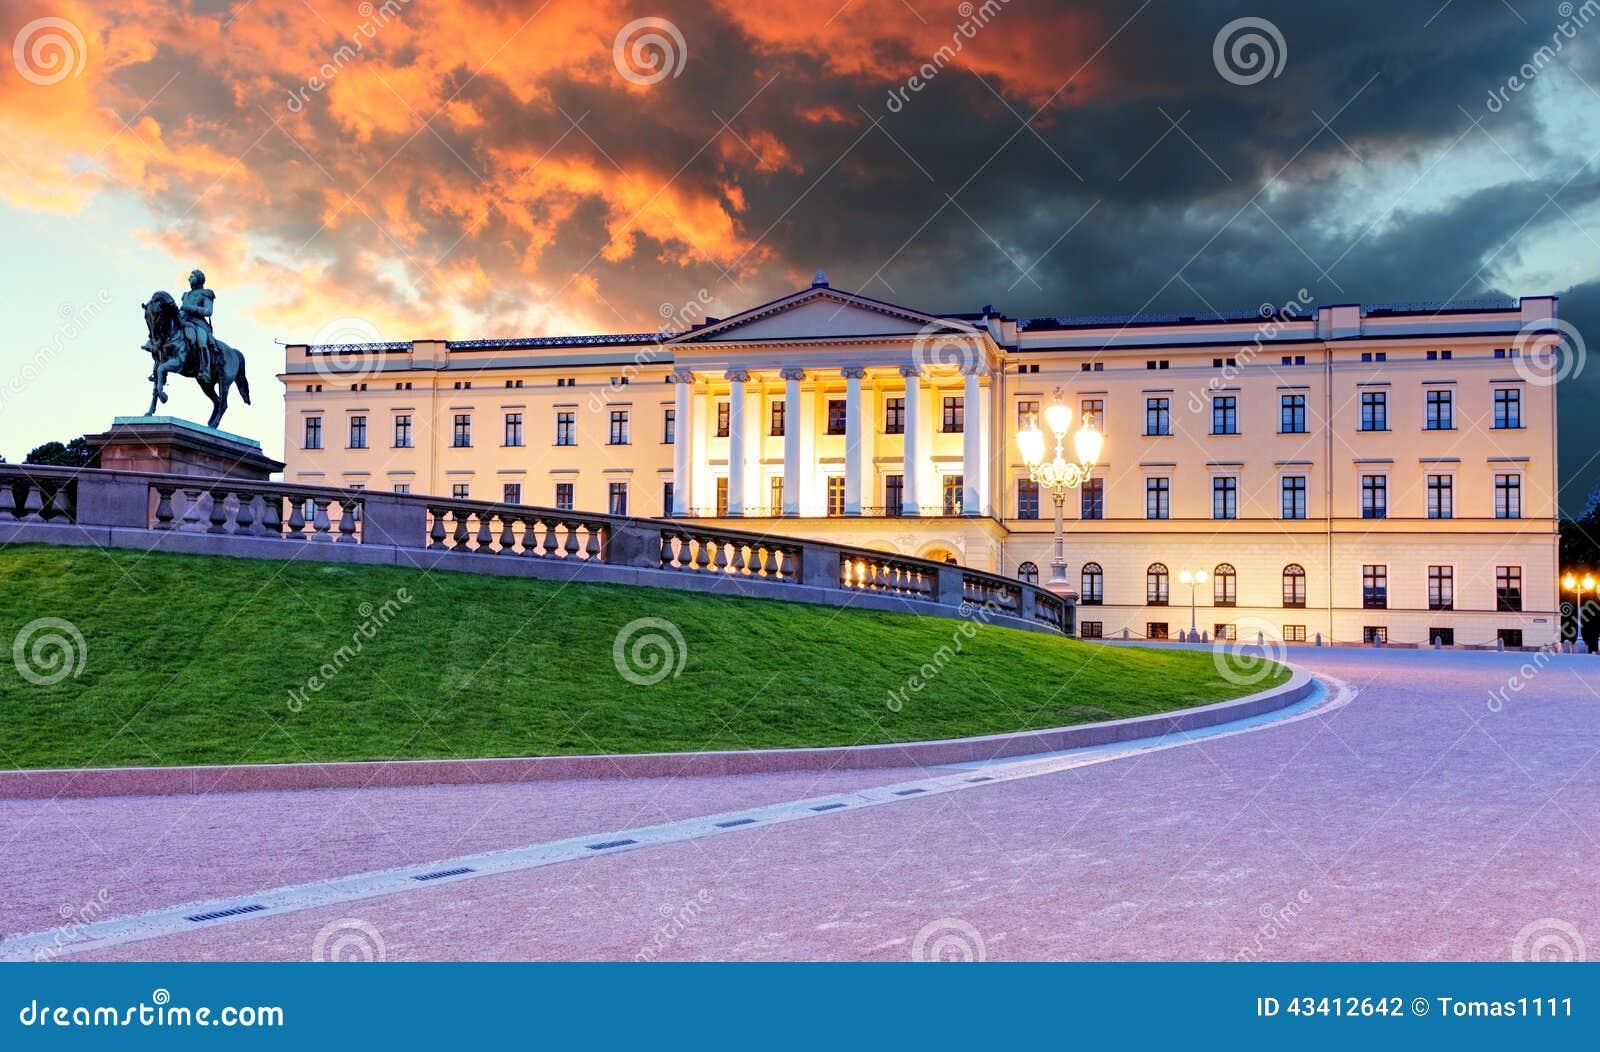 Βασιλικό παλάτι στο Όσλο, Νορβηγία